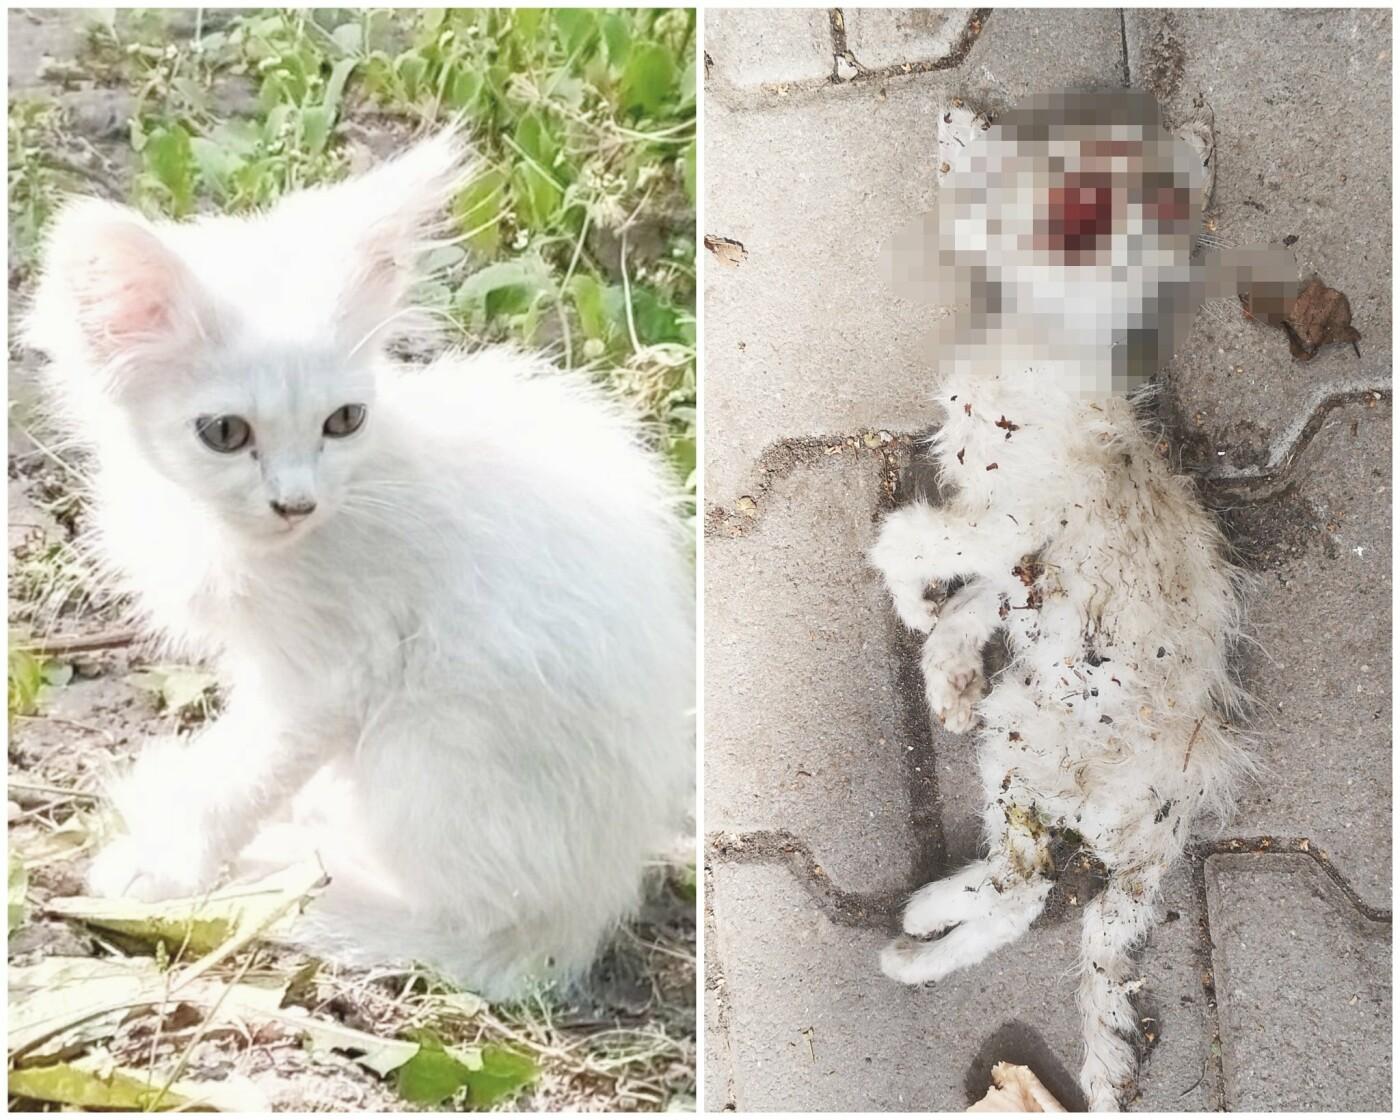 """""""Посадив на пеньок і бив палицею"""": тернополянка стала свідком розправи над маленьким кошенятком (ФОТО, 18+), фото-1"""